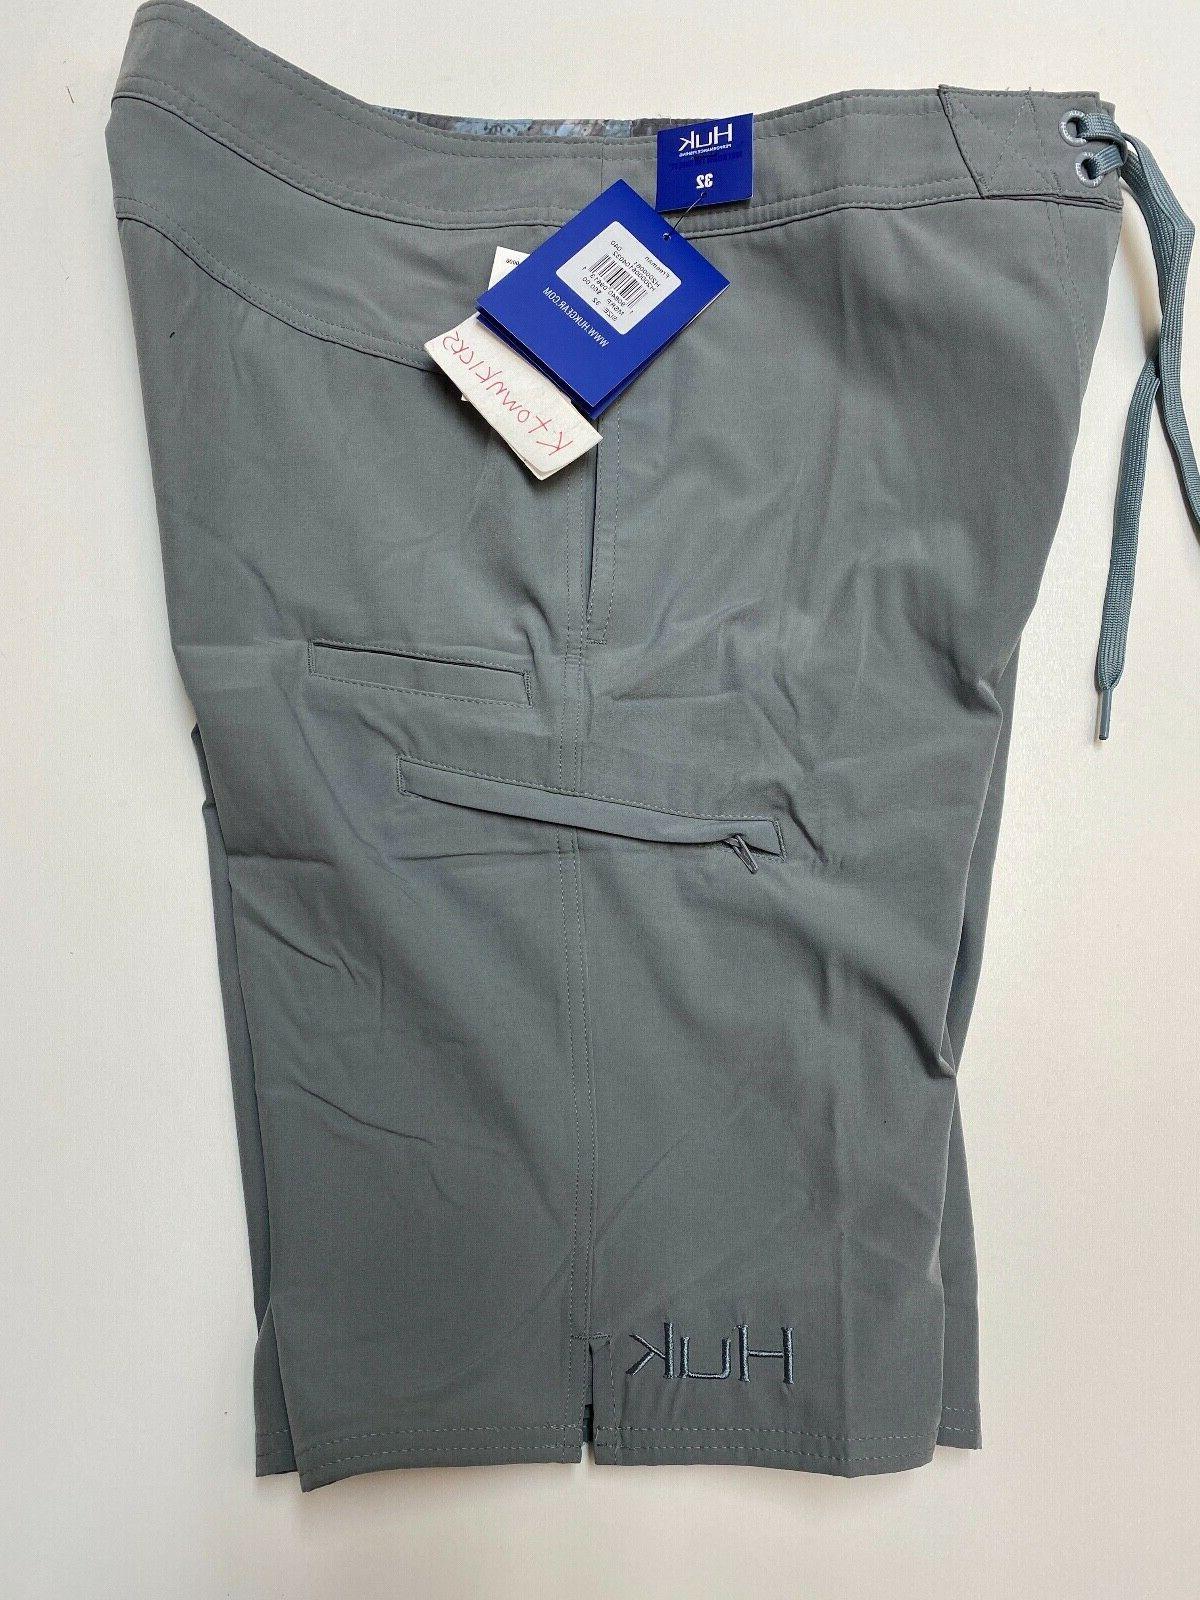 Huk Freeman Performance Board Shorts Size